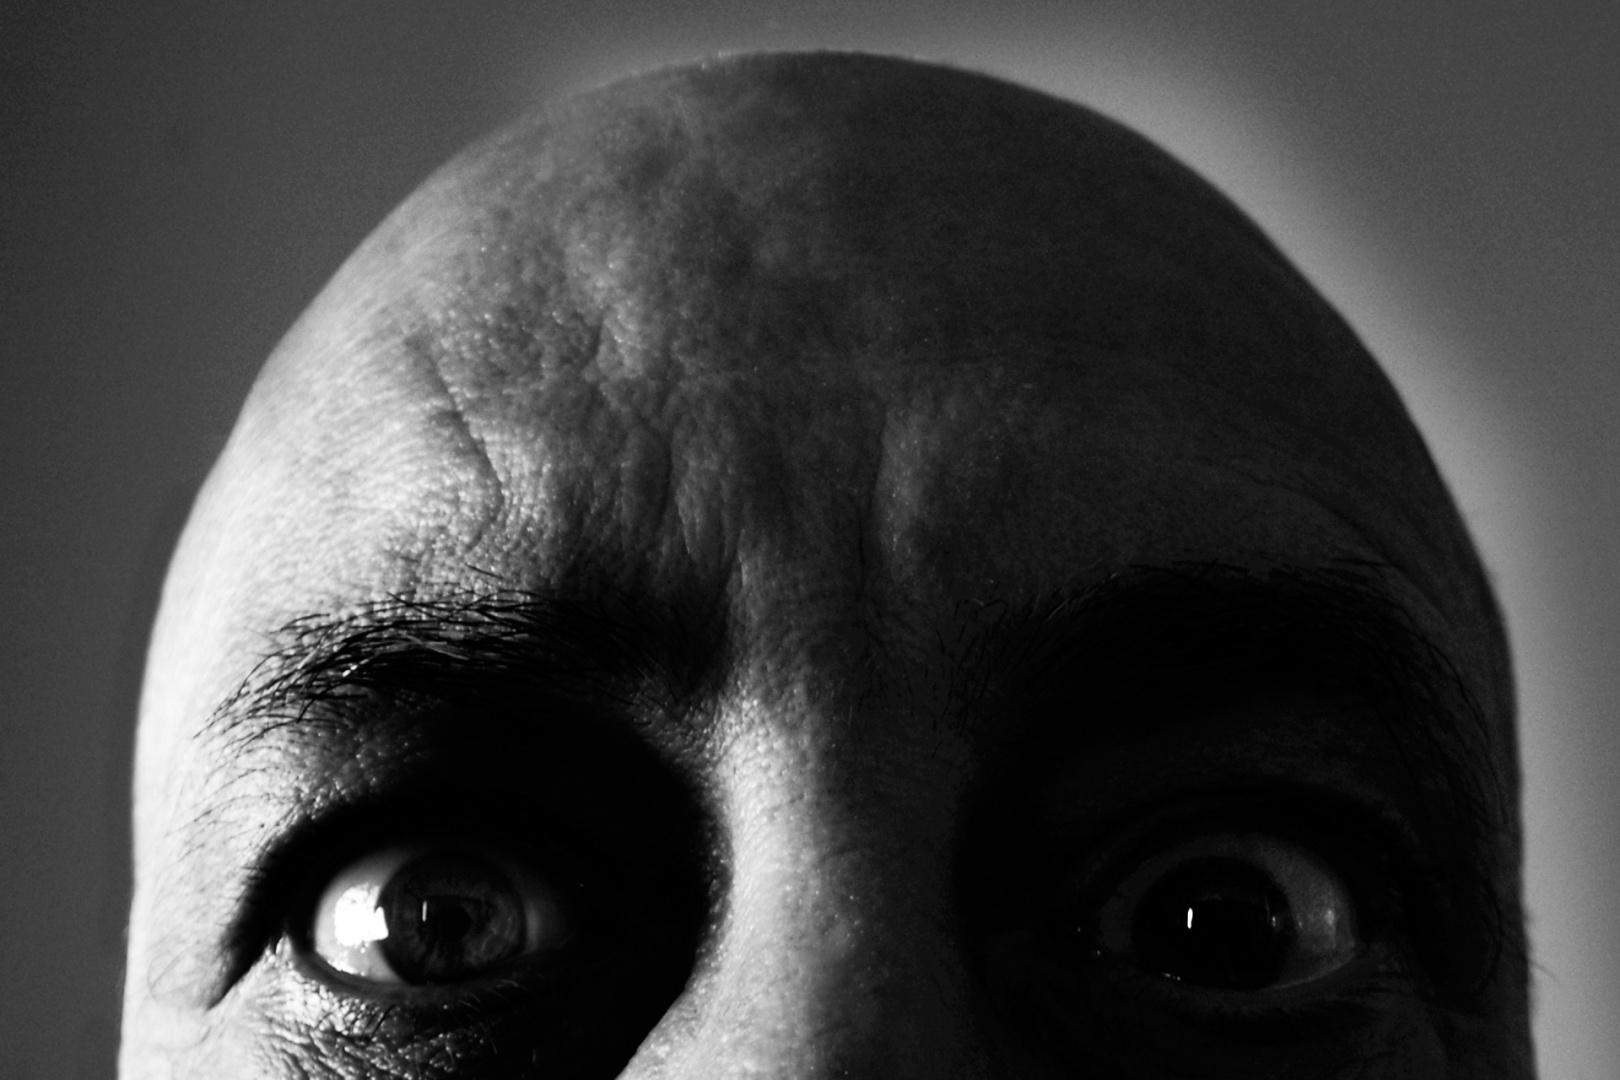 Retratos/meio retrato distorcido